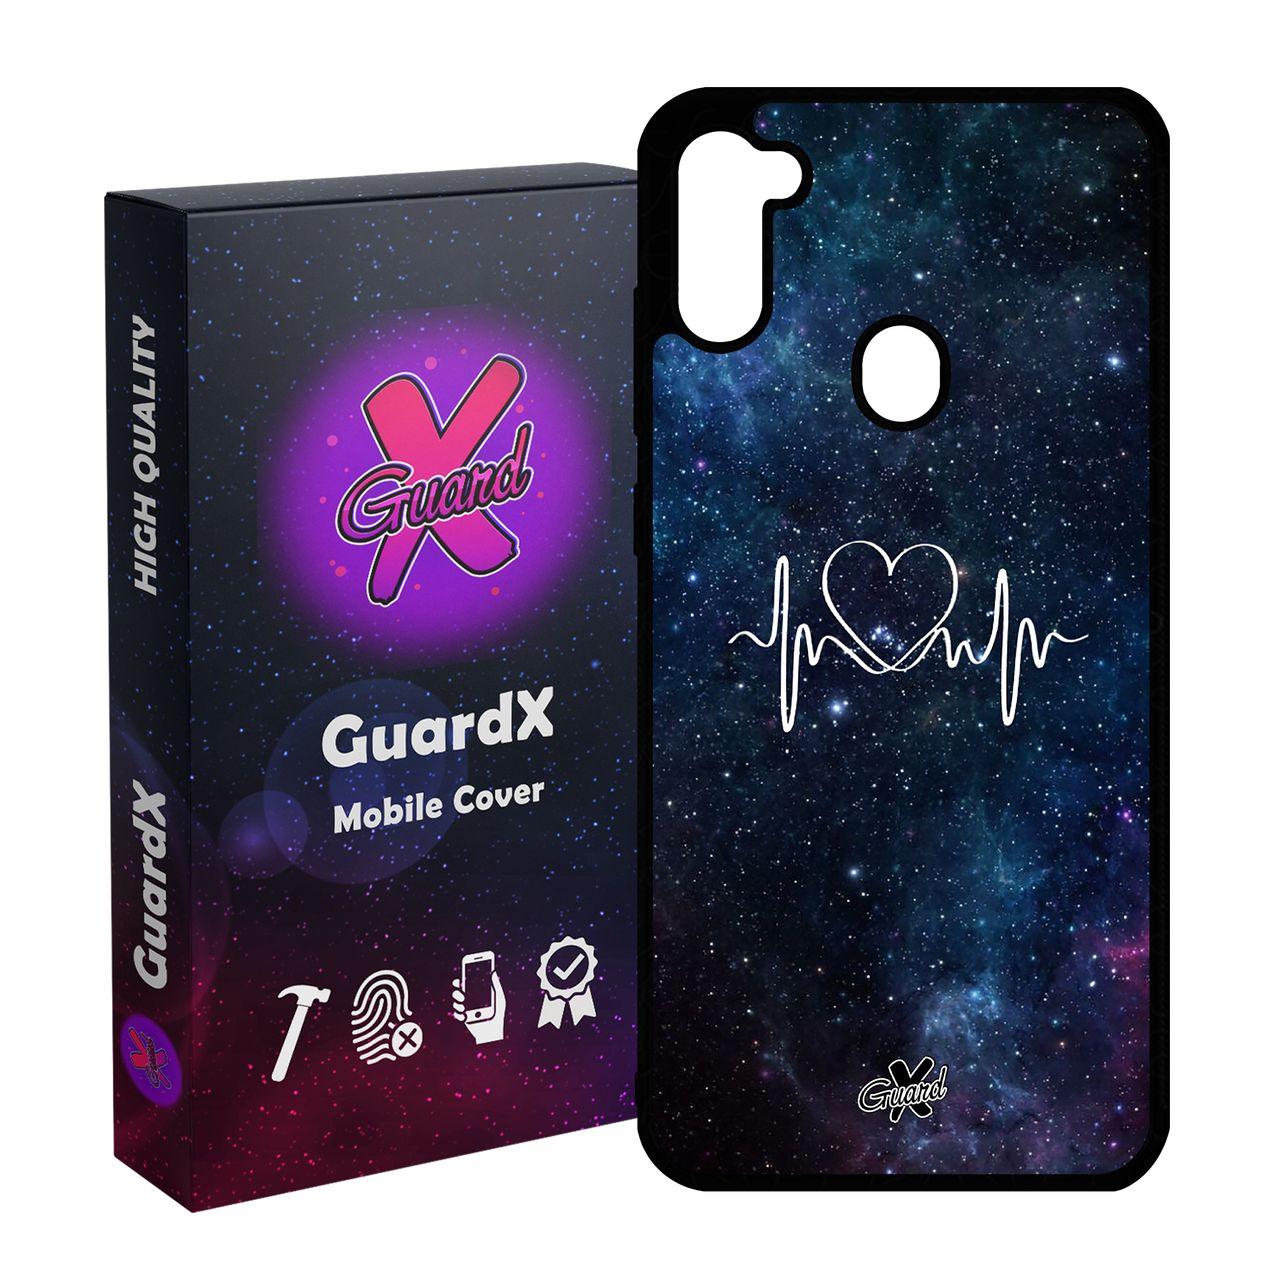 کاور گارد ایکس طرح Love مدل Glass10114 مناسب برای گوشی موبایل سامسونگ Galaxy A11 / M11